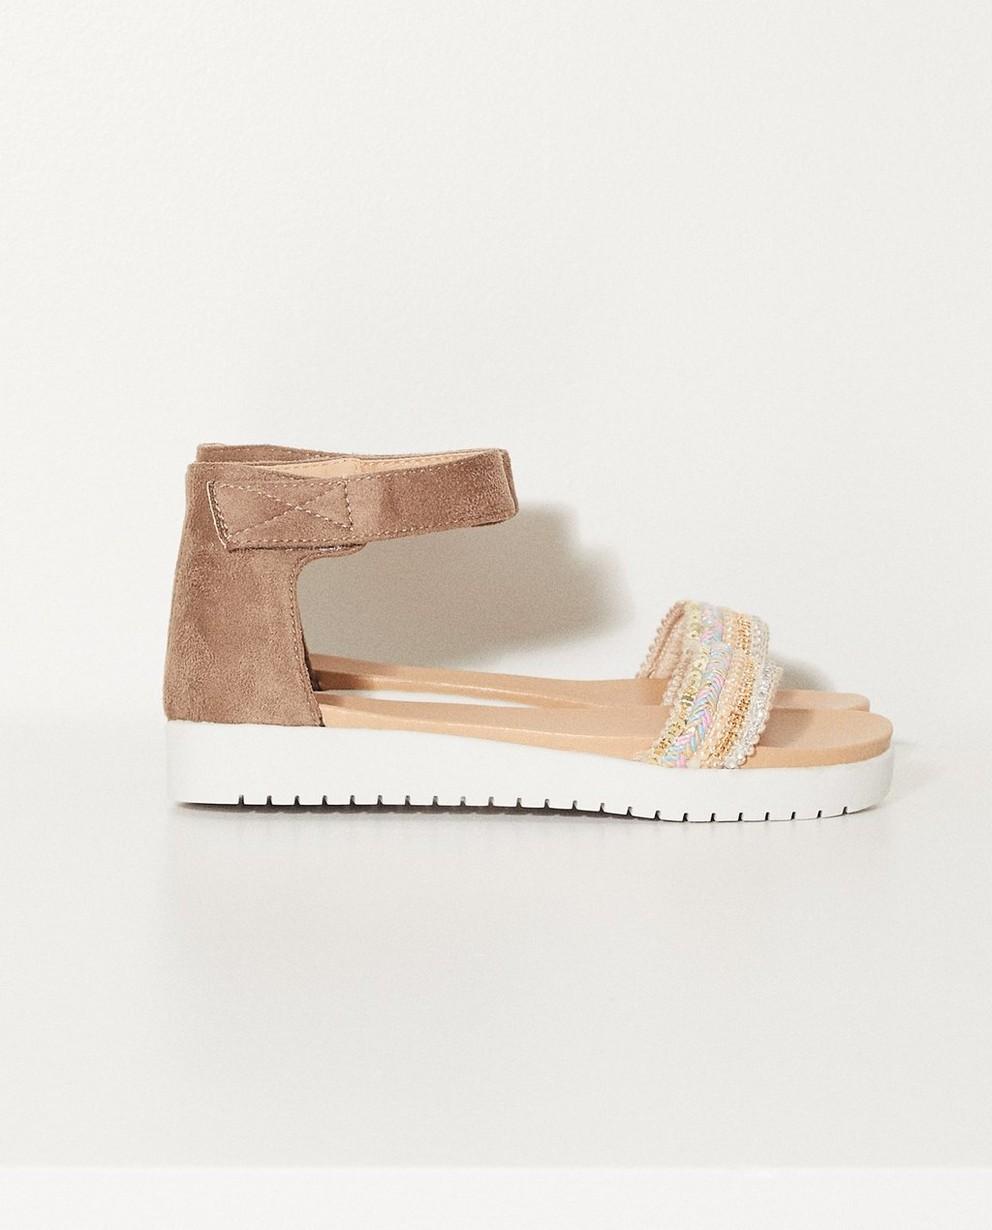 Sandales avec bande de velcro - Avec des petits coquillages - JBC